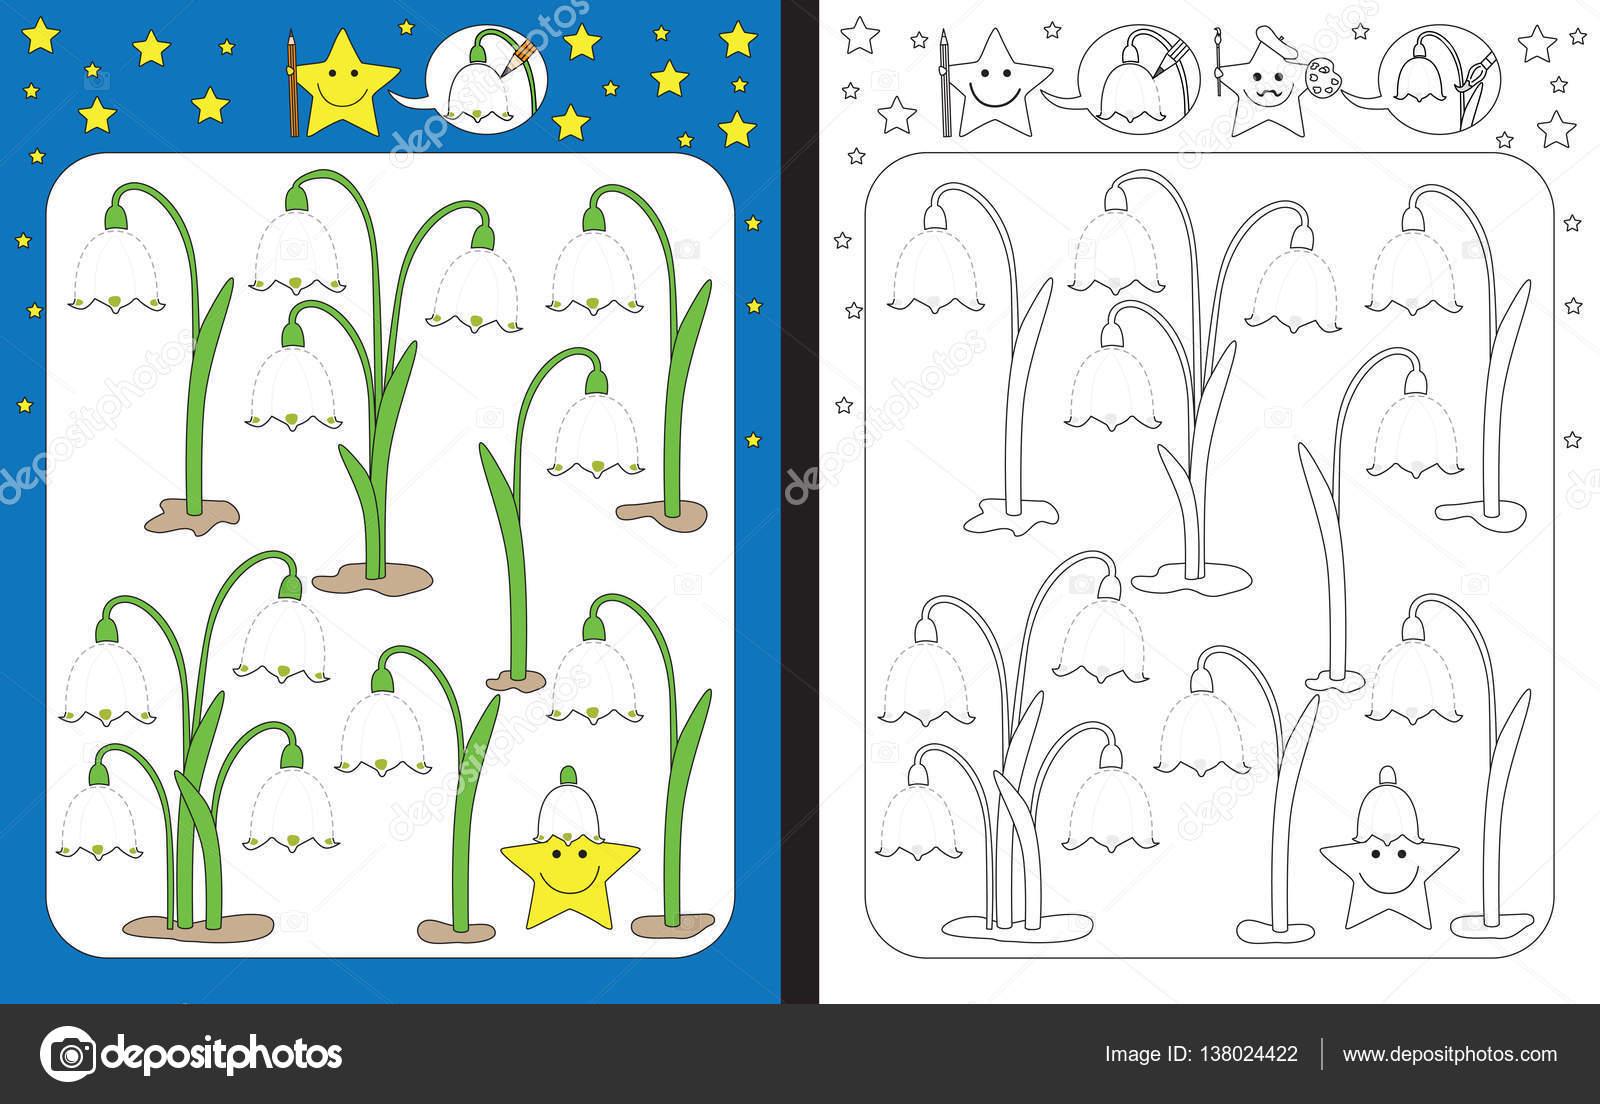 Star Preschool Worksheet. Star. Best Free Printable Worksheets